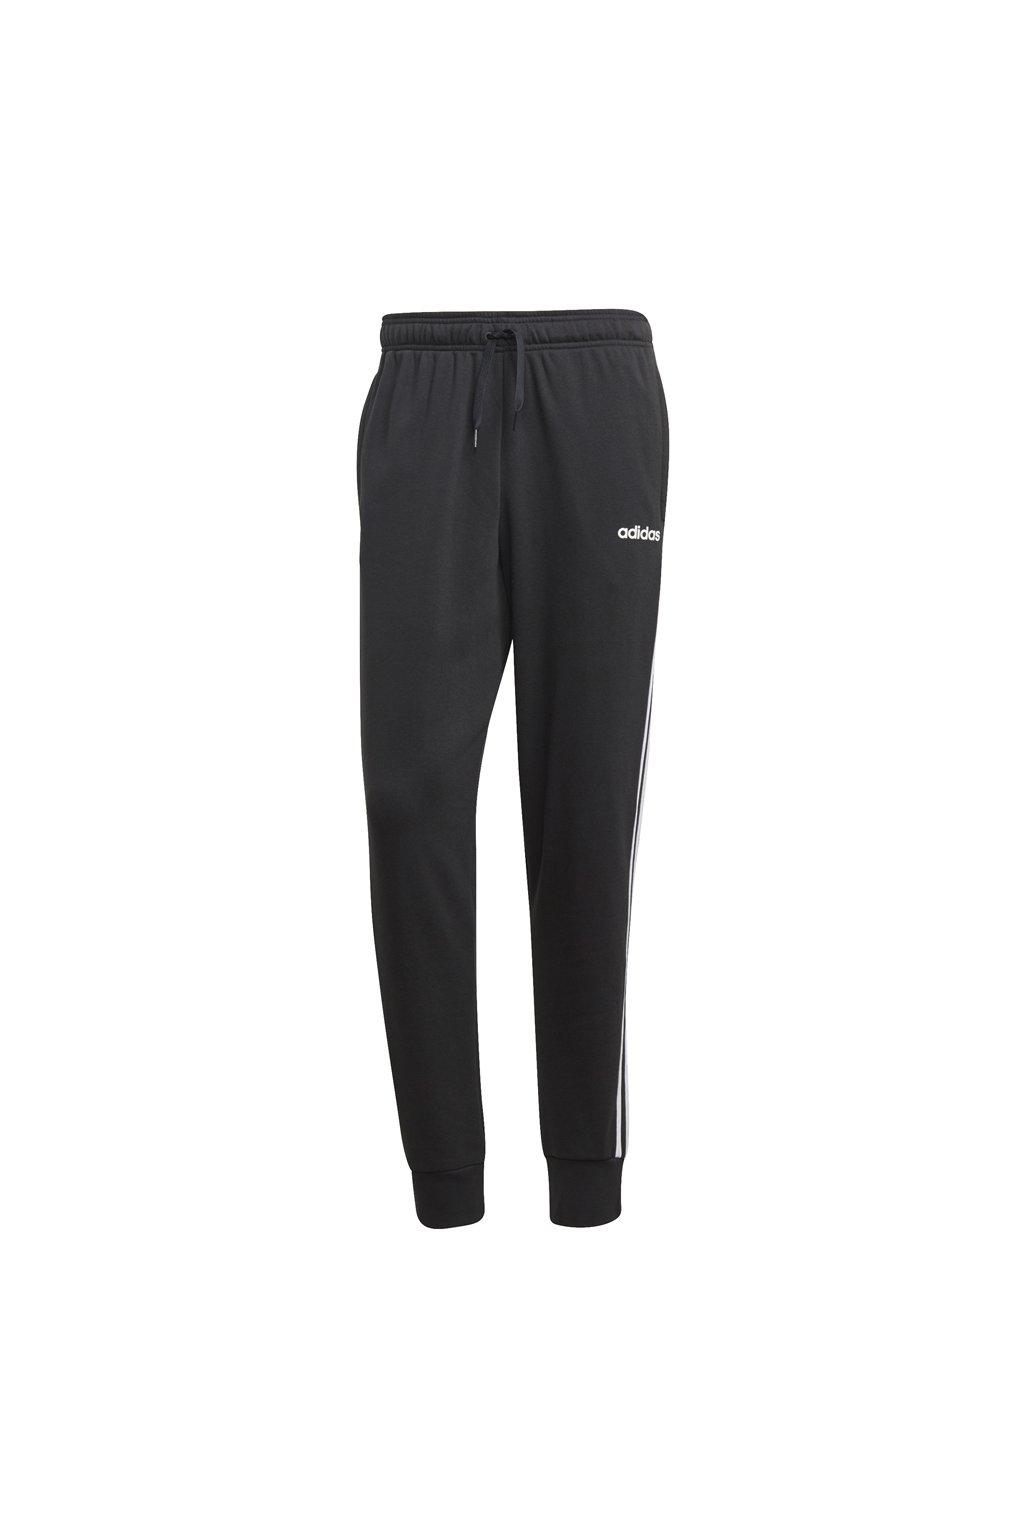 Adidas pánske tepláky Essentials 3 Stripes Tapered Pant FT čierne DU0468